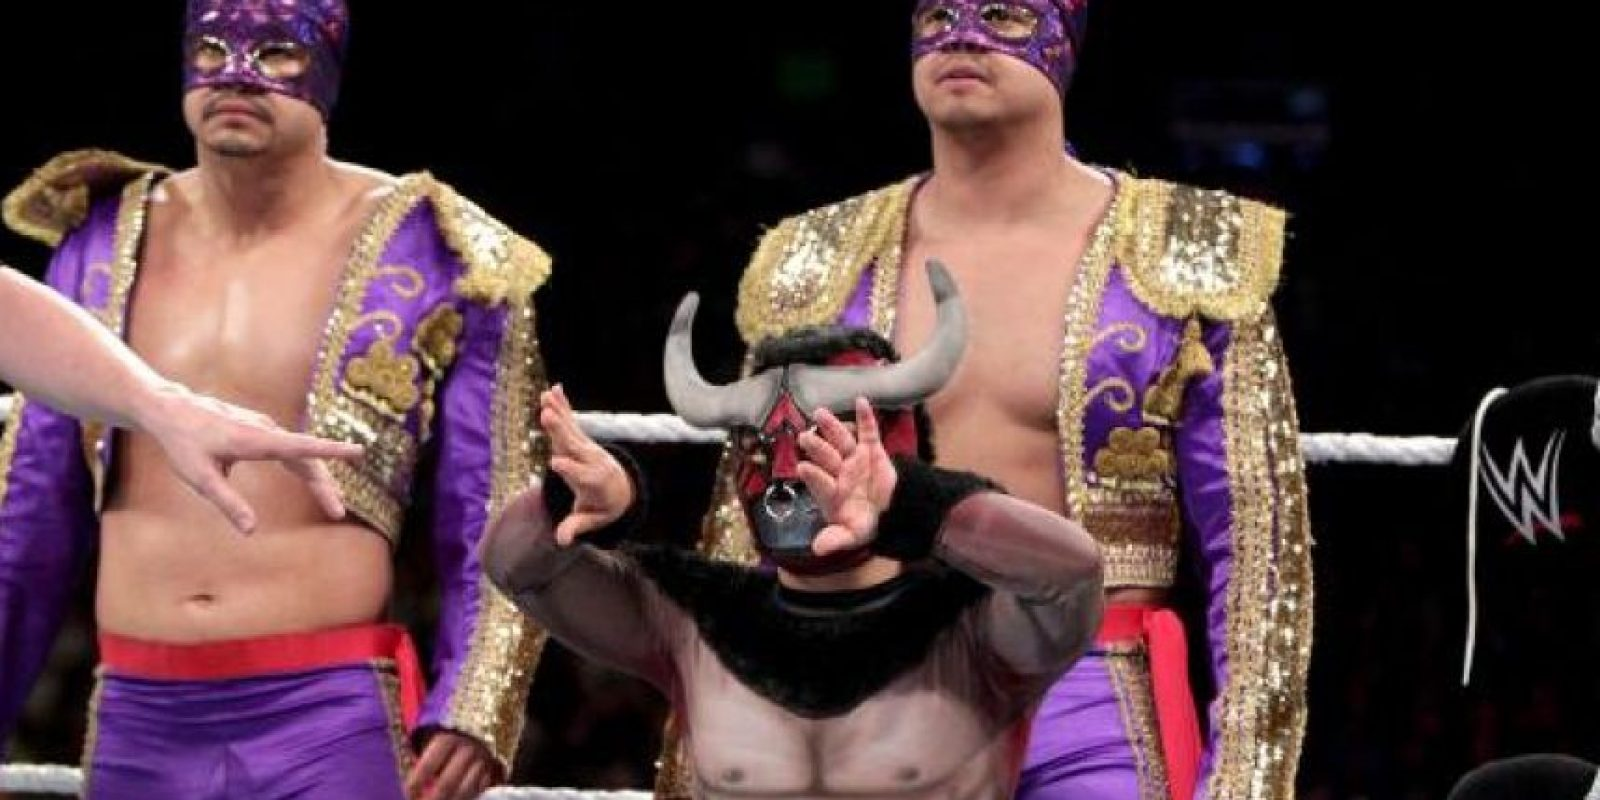 Los Matadores (Diego y Fernando) también participarán en la pelea de campeonato Foto:WWE